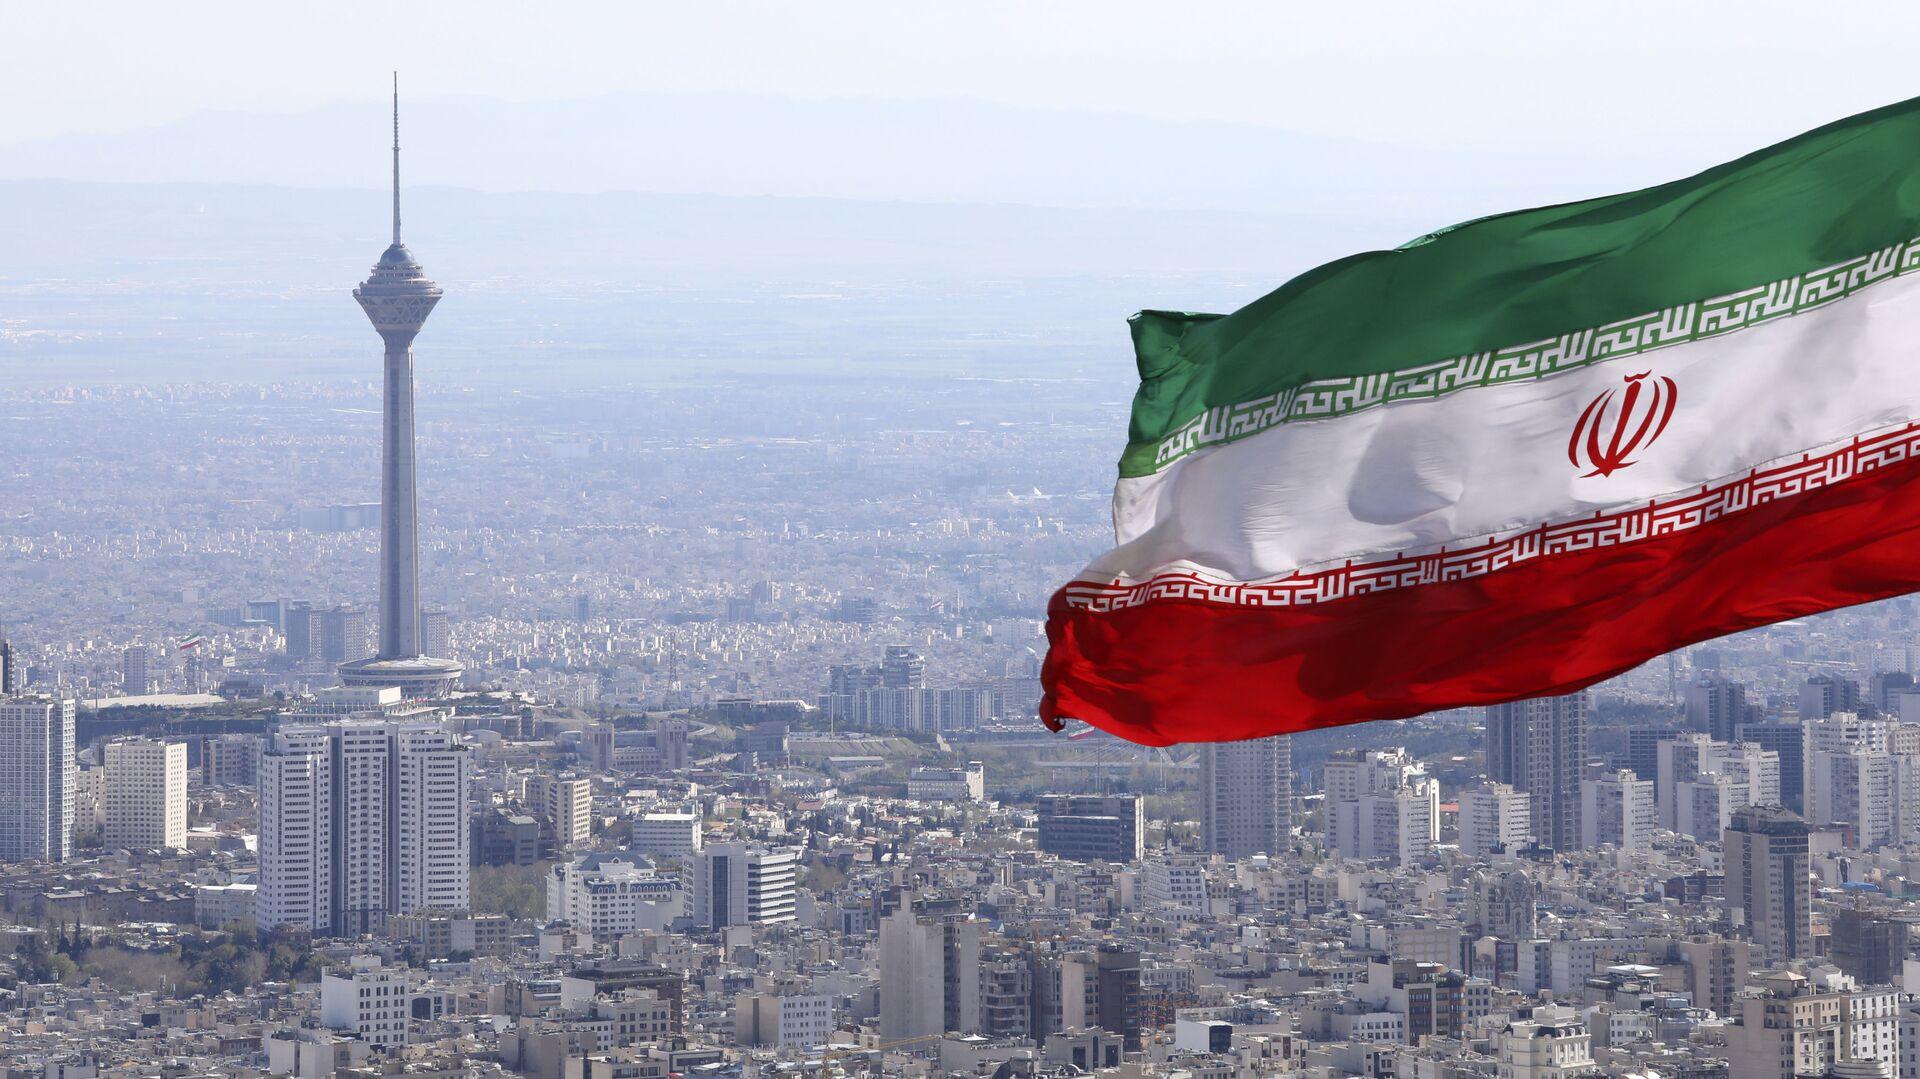 La bandera de Irán en la ciudad de Teherán - Sputnik Mundo, 1920, 15.02.2021